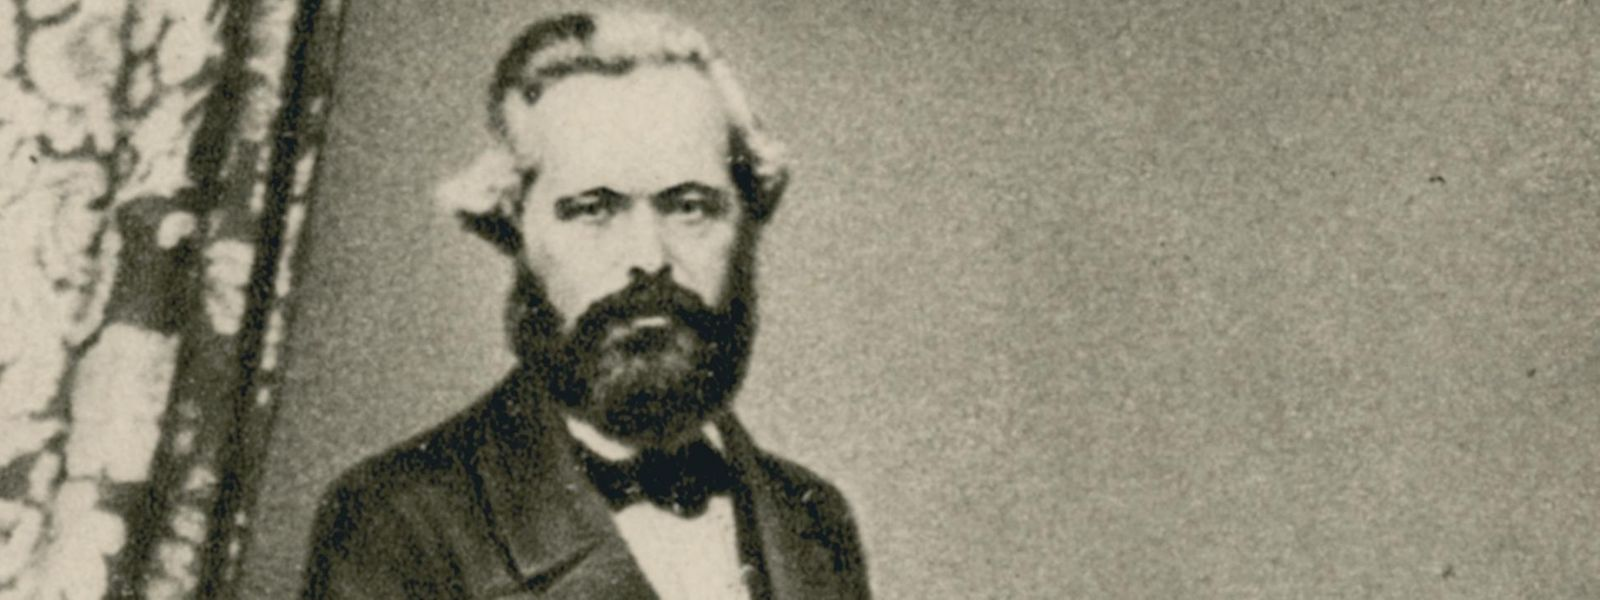 Porträt von Karl Marx, 1861